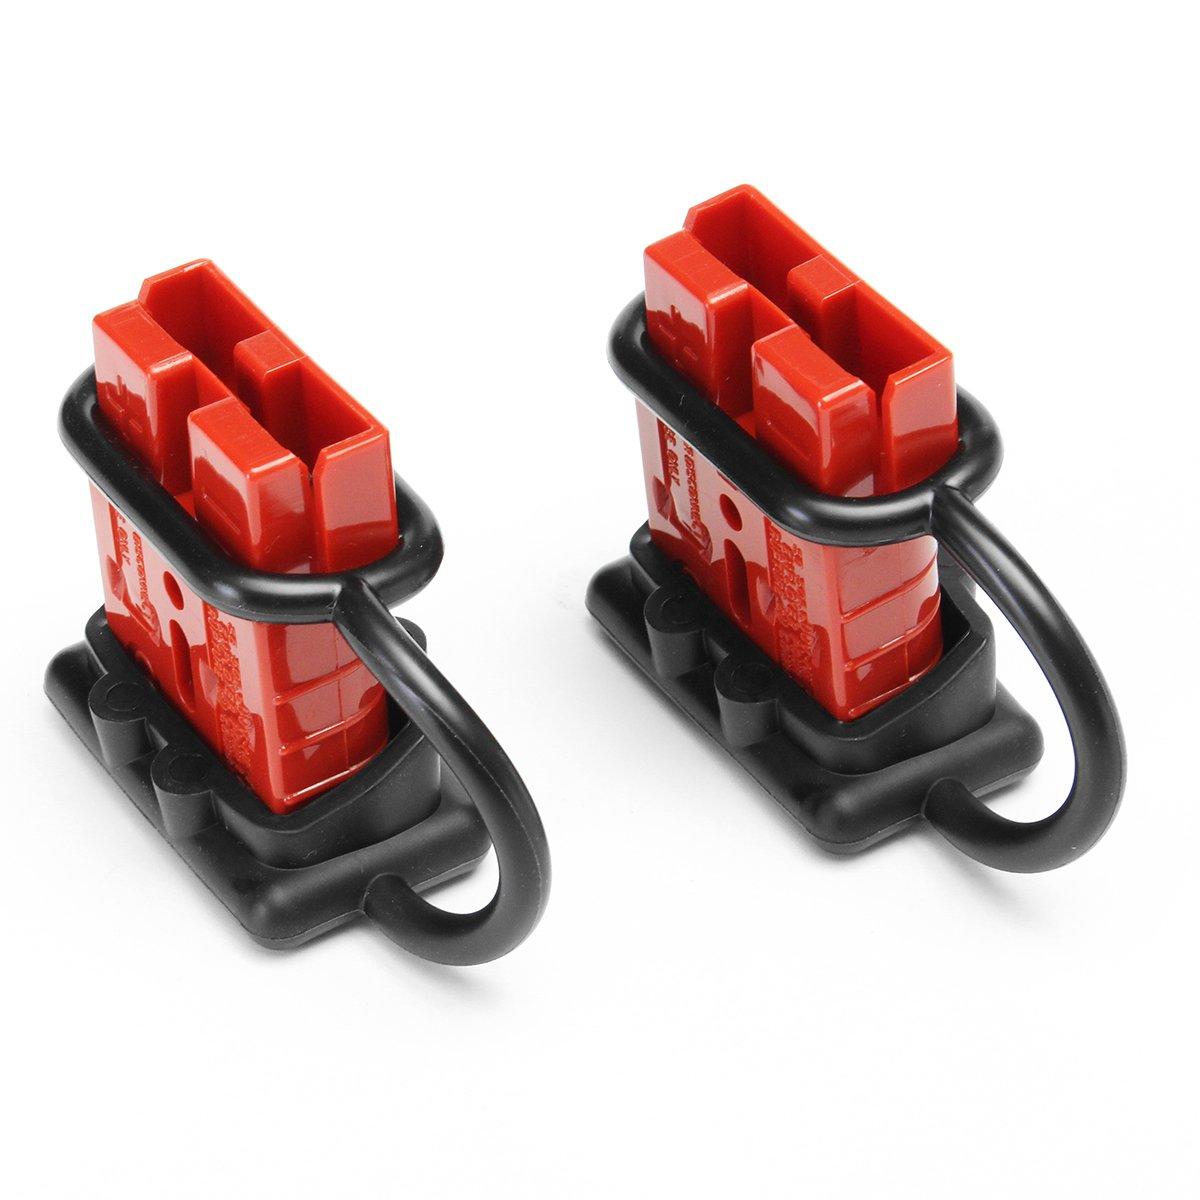 Tutoy 2Pcs 50A 600W Batterie Connexion Rapide//D/éconnexion Faisceau De C/âbles Kit Connecteur De Treuil Remorque